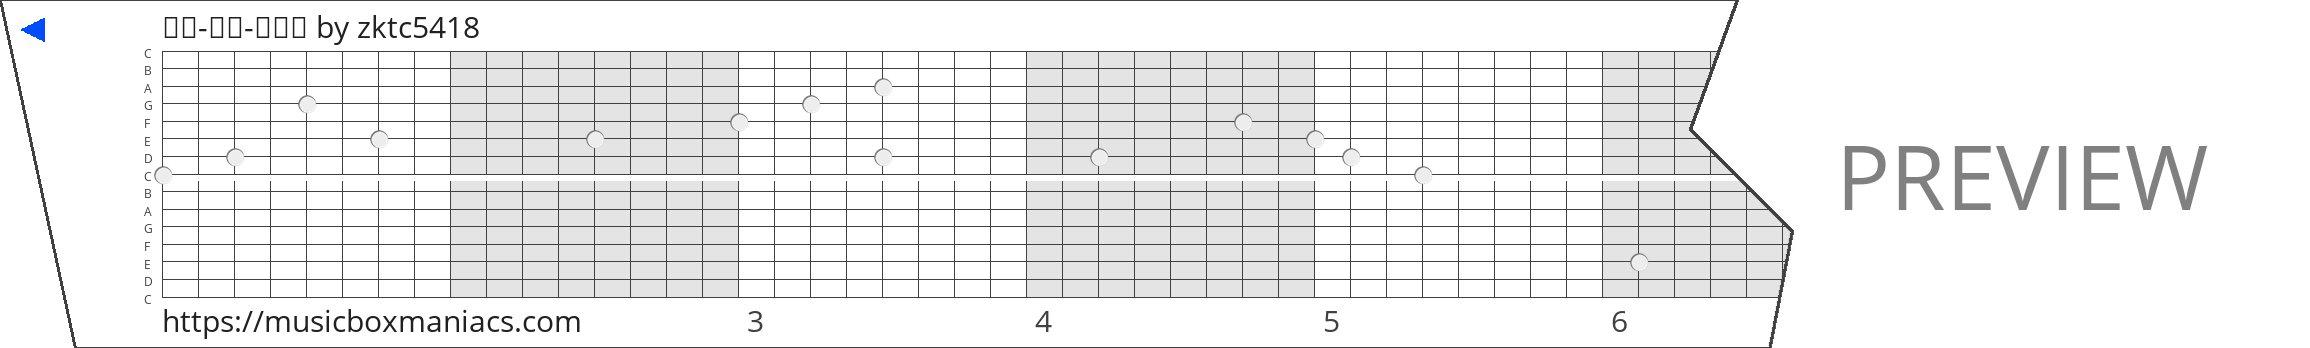 十年-流行-陈奕迅 15 note music box paper strip